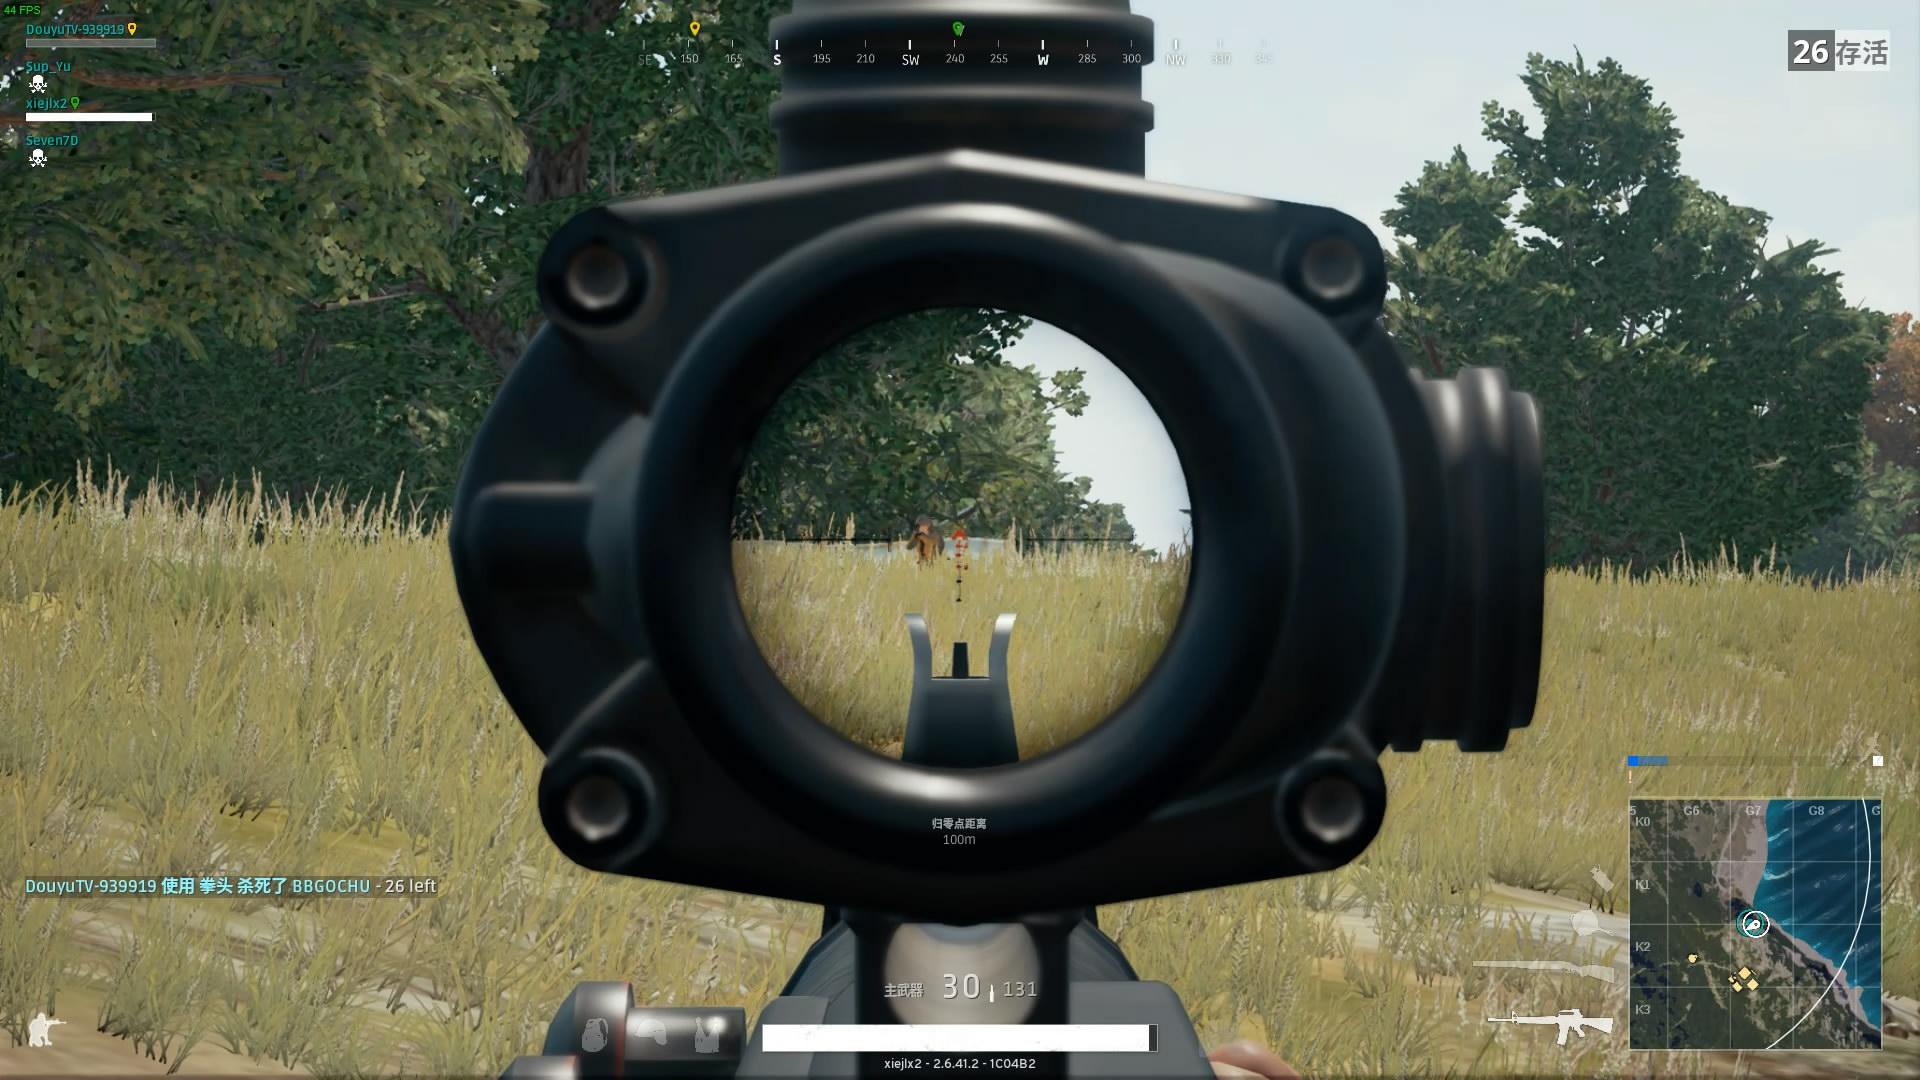 各种瞄具开镜时间对比,你真的知道么?